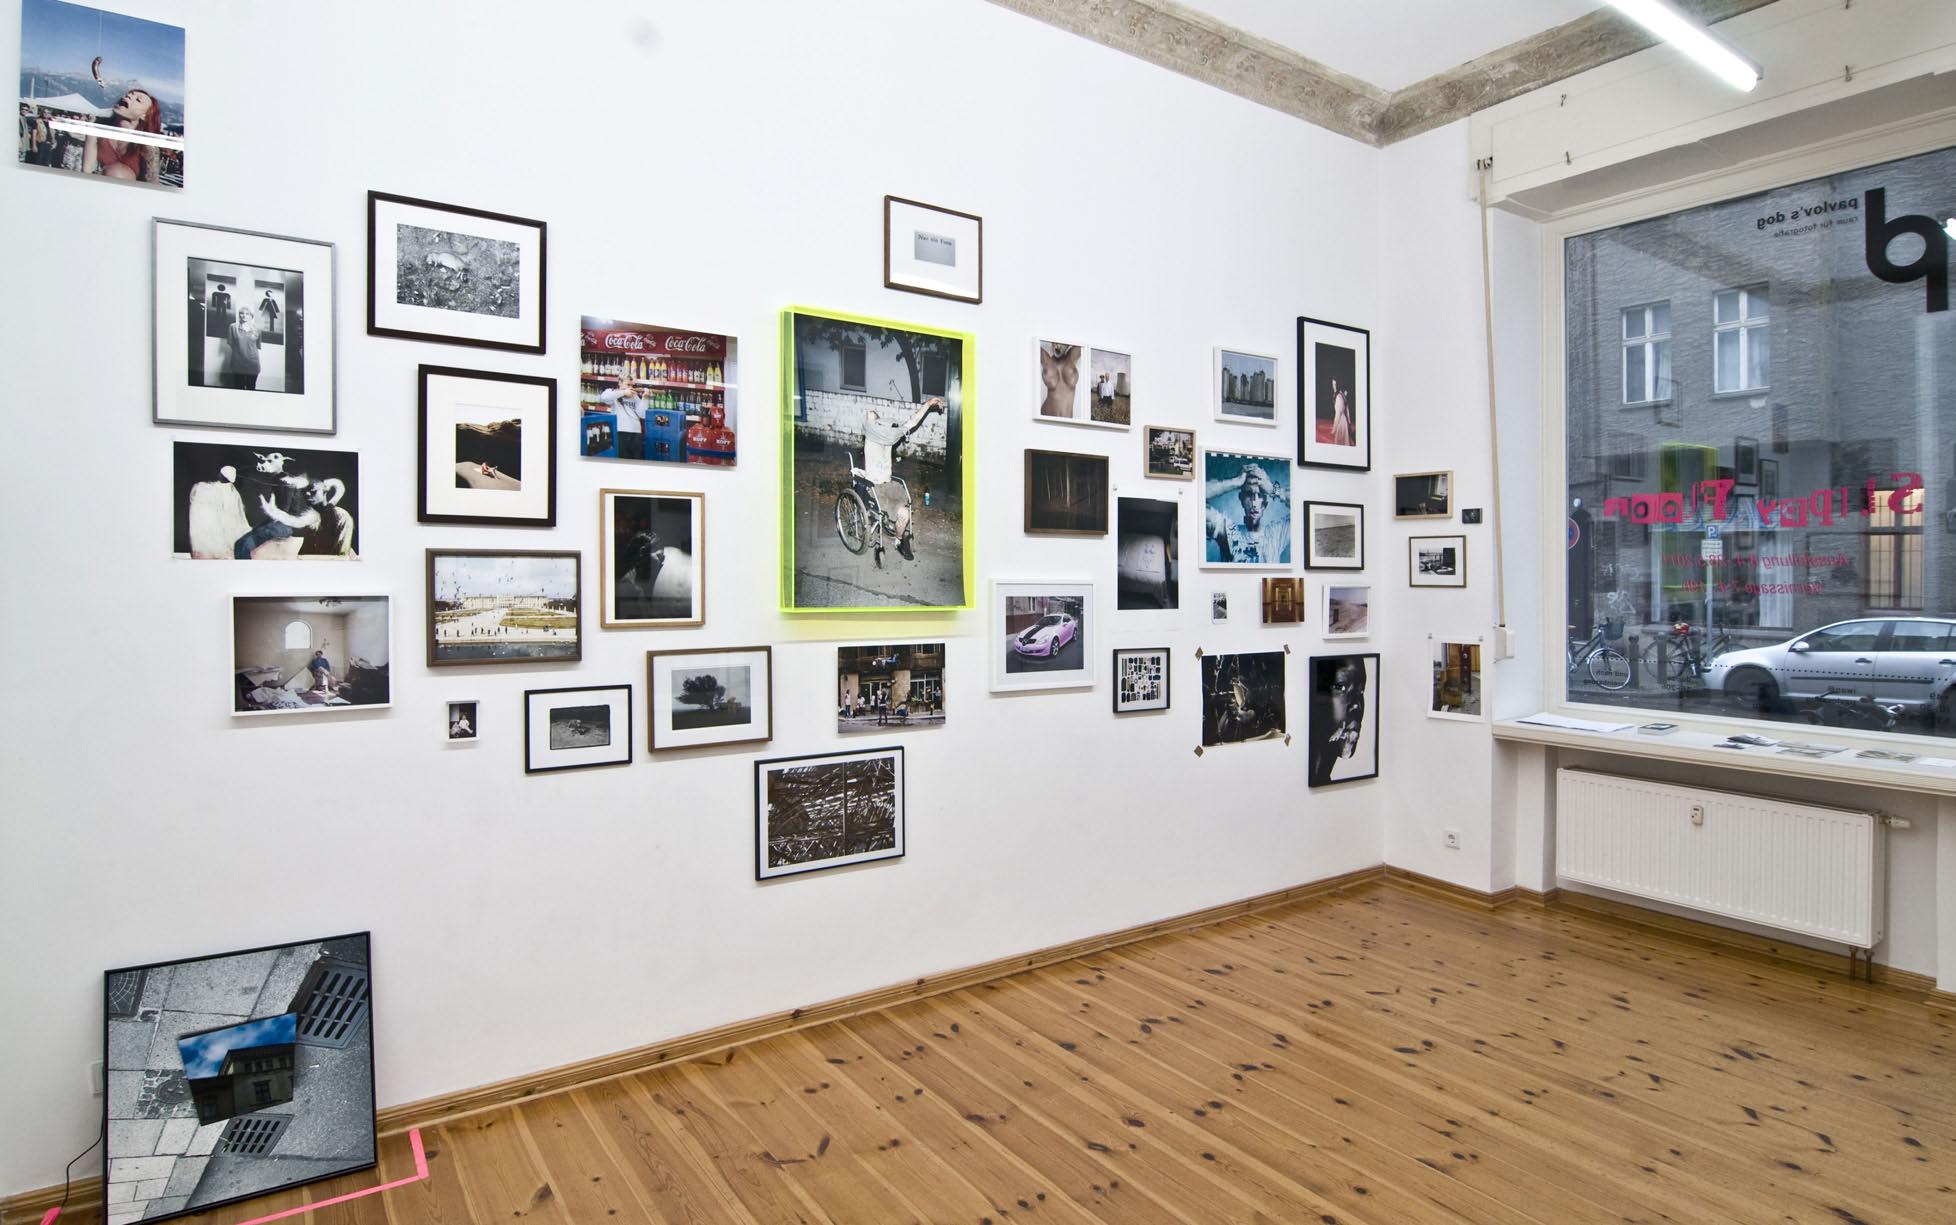 """""""Slippy Floor"""", eine der ersten Ausstellungen in der Galerie pavlov's dog (2011)"""